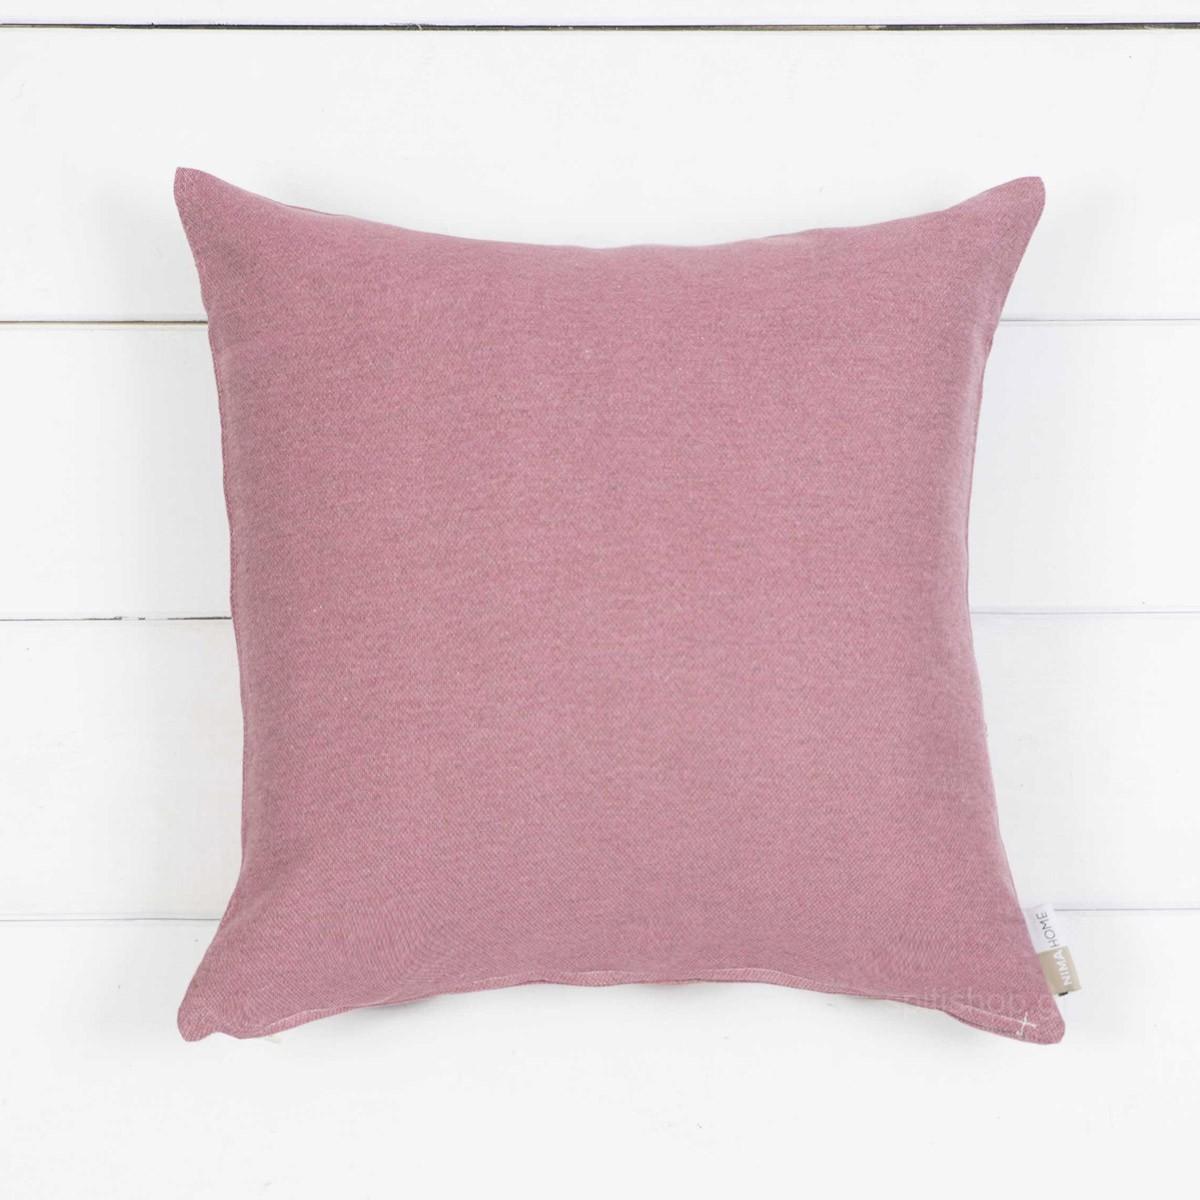 Διακοσμητική Μαξιλαροθήκη Nima Cushions Moreno Pink